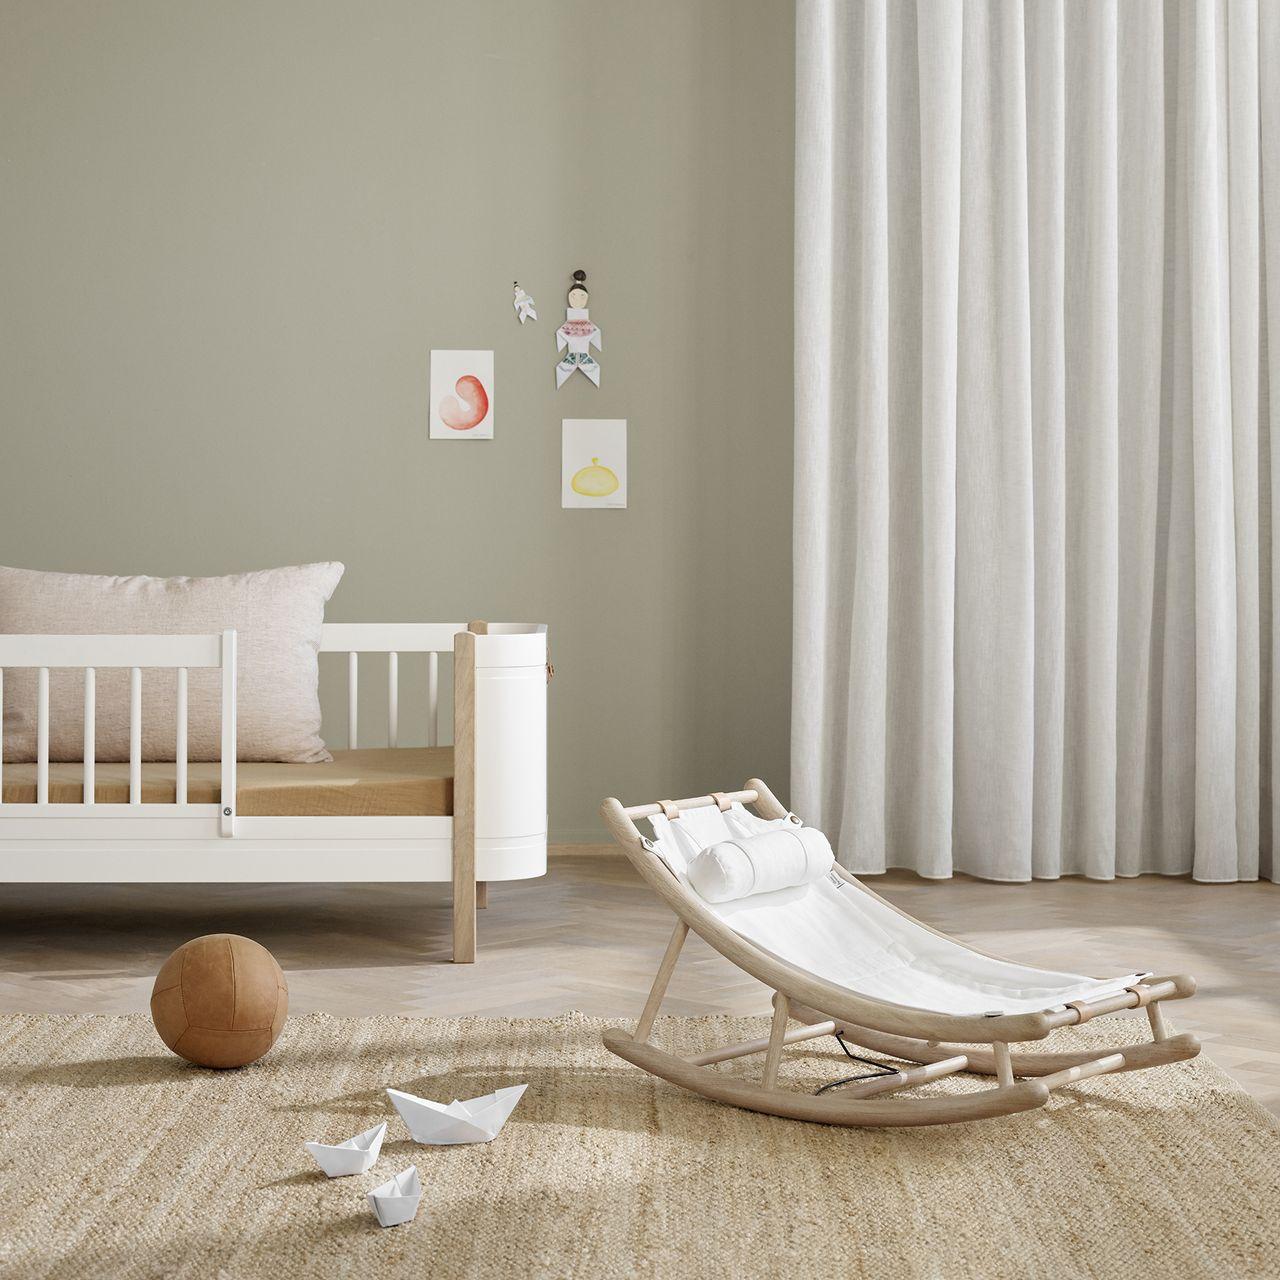 Oliver Furniture Kleinkindwippe Wood in Berlin kaufen - Kleine Fabriek